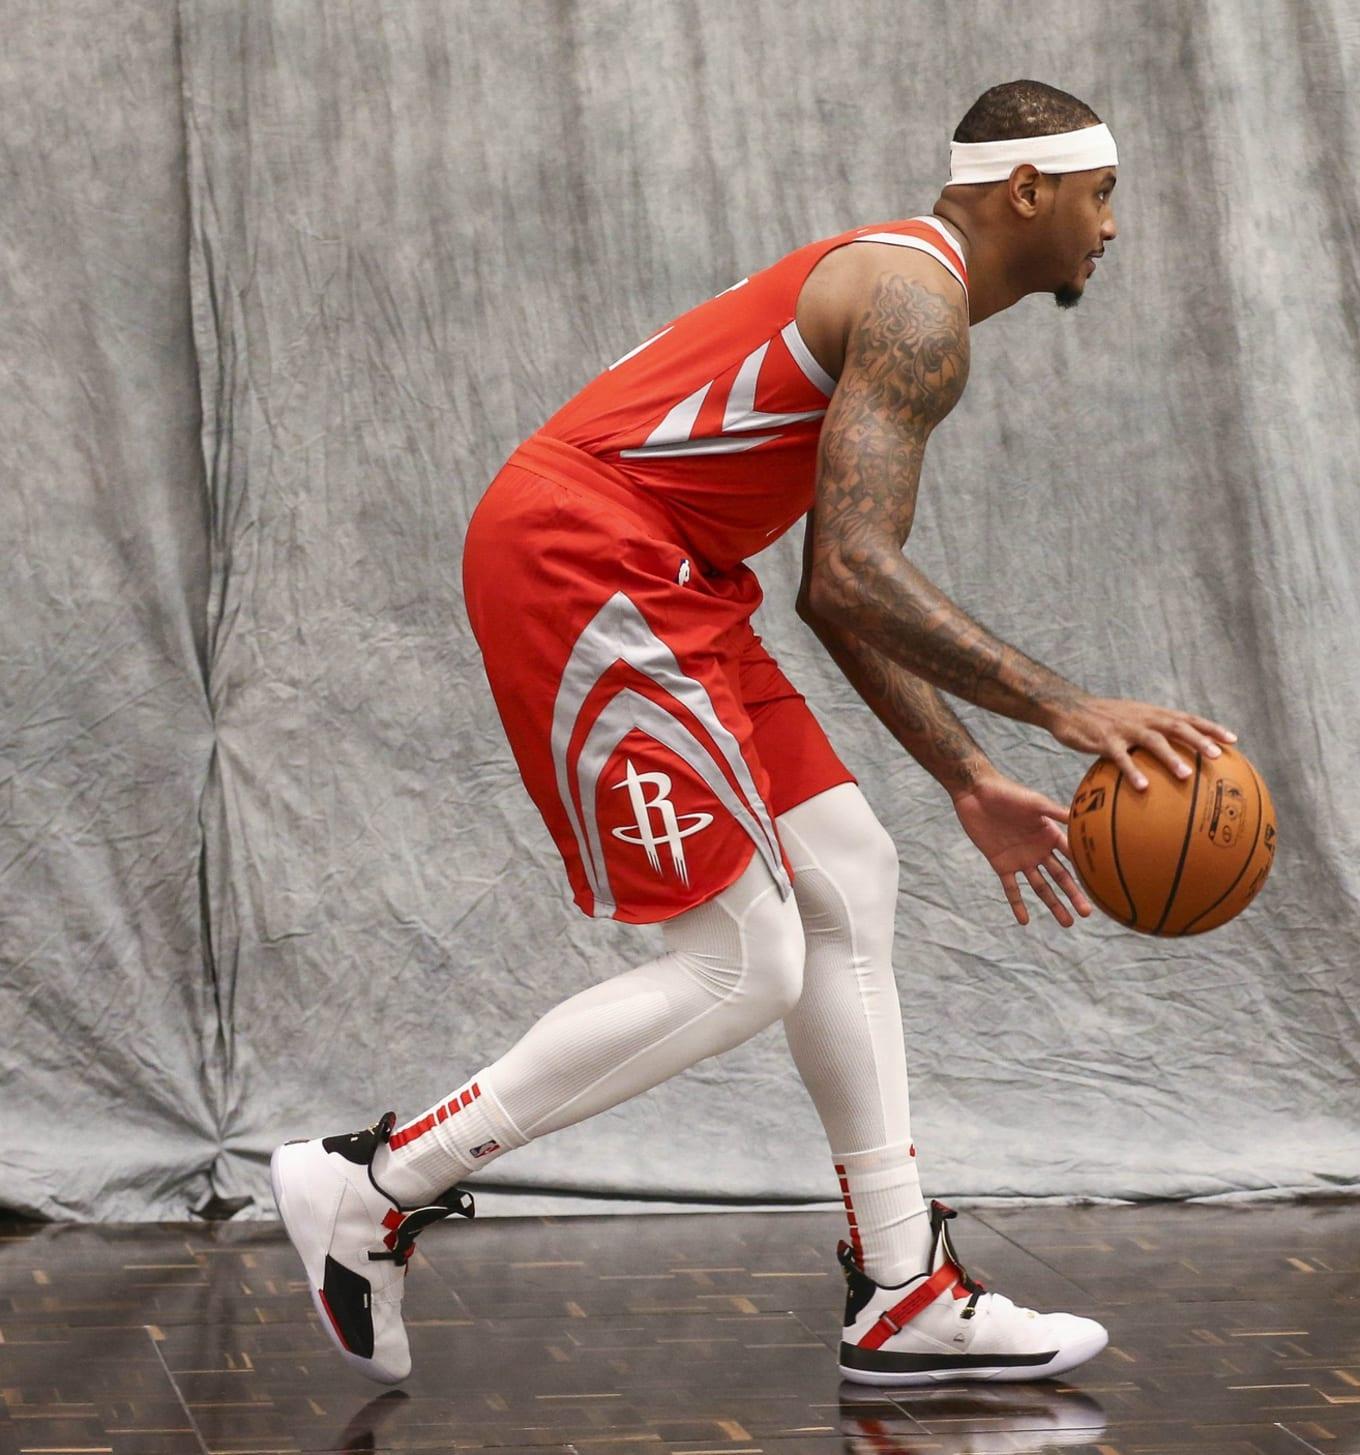 bb73b7cec88b6a NBA Media Day 2018 Best Sneakers